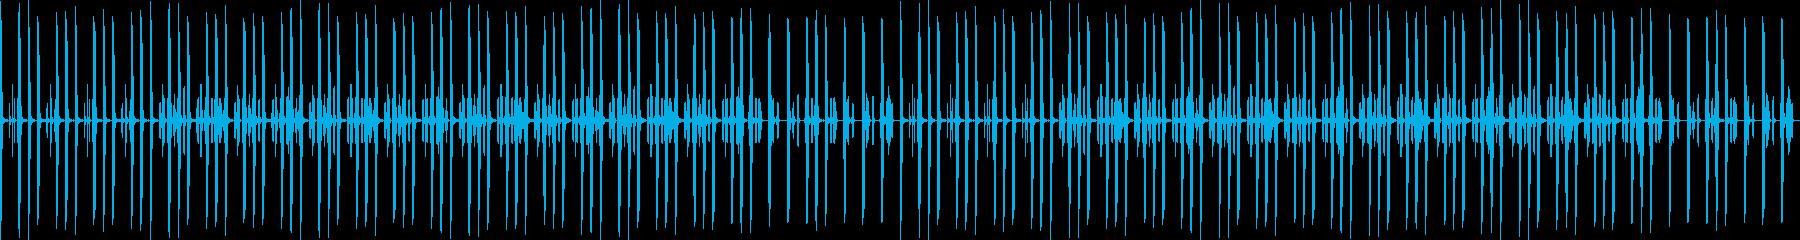 ほのぼの犬猫フルートBGM パターンFの再生済みの波形